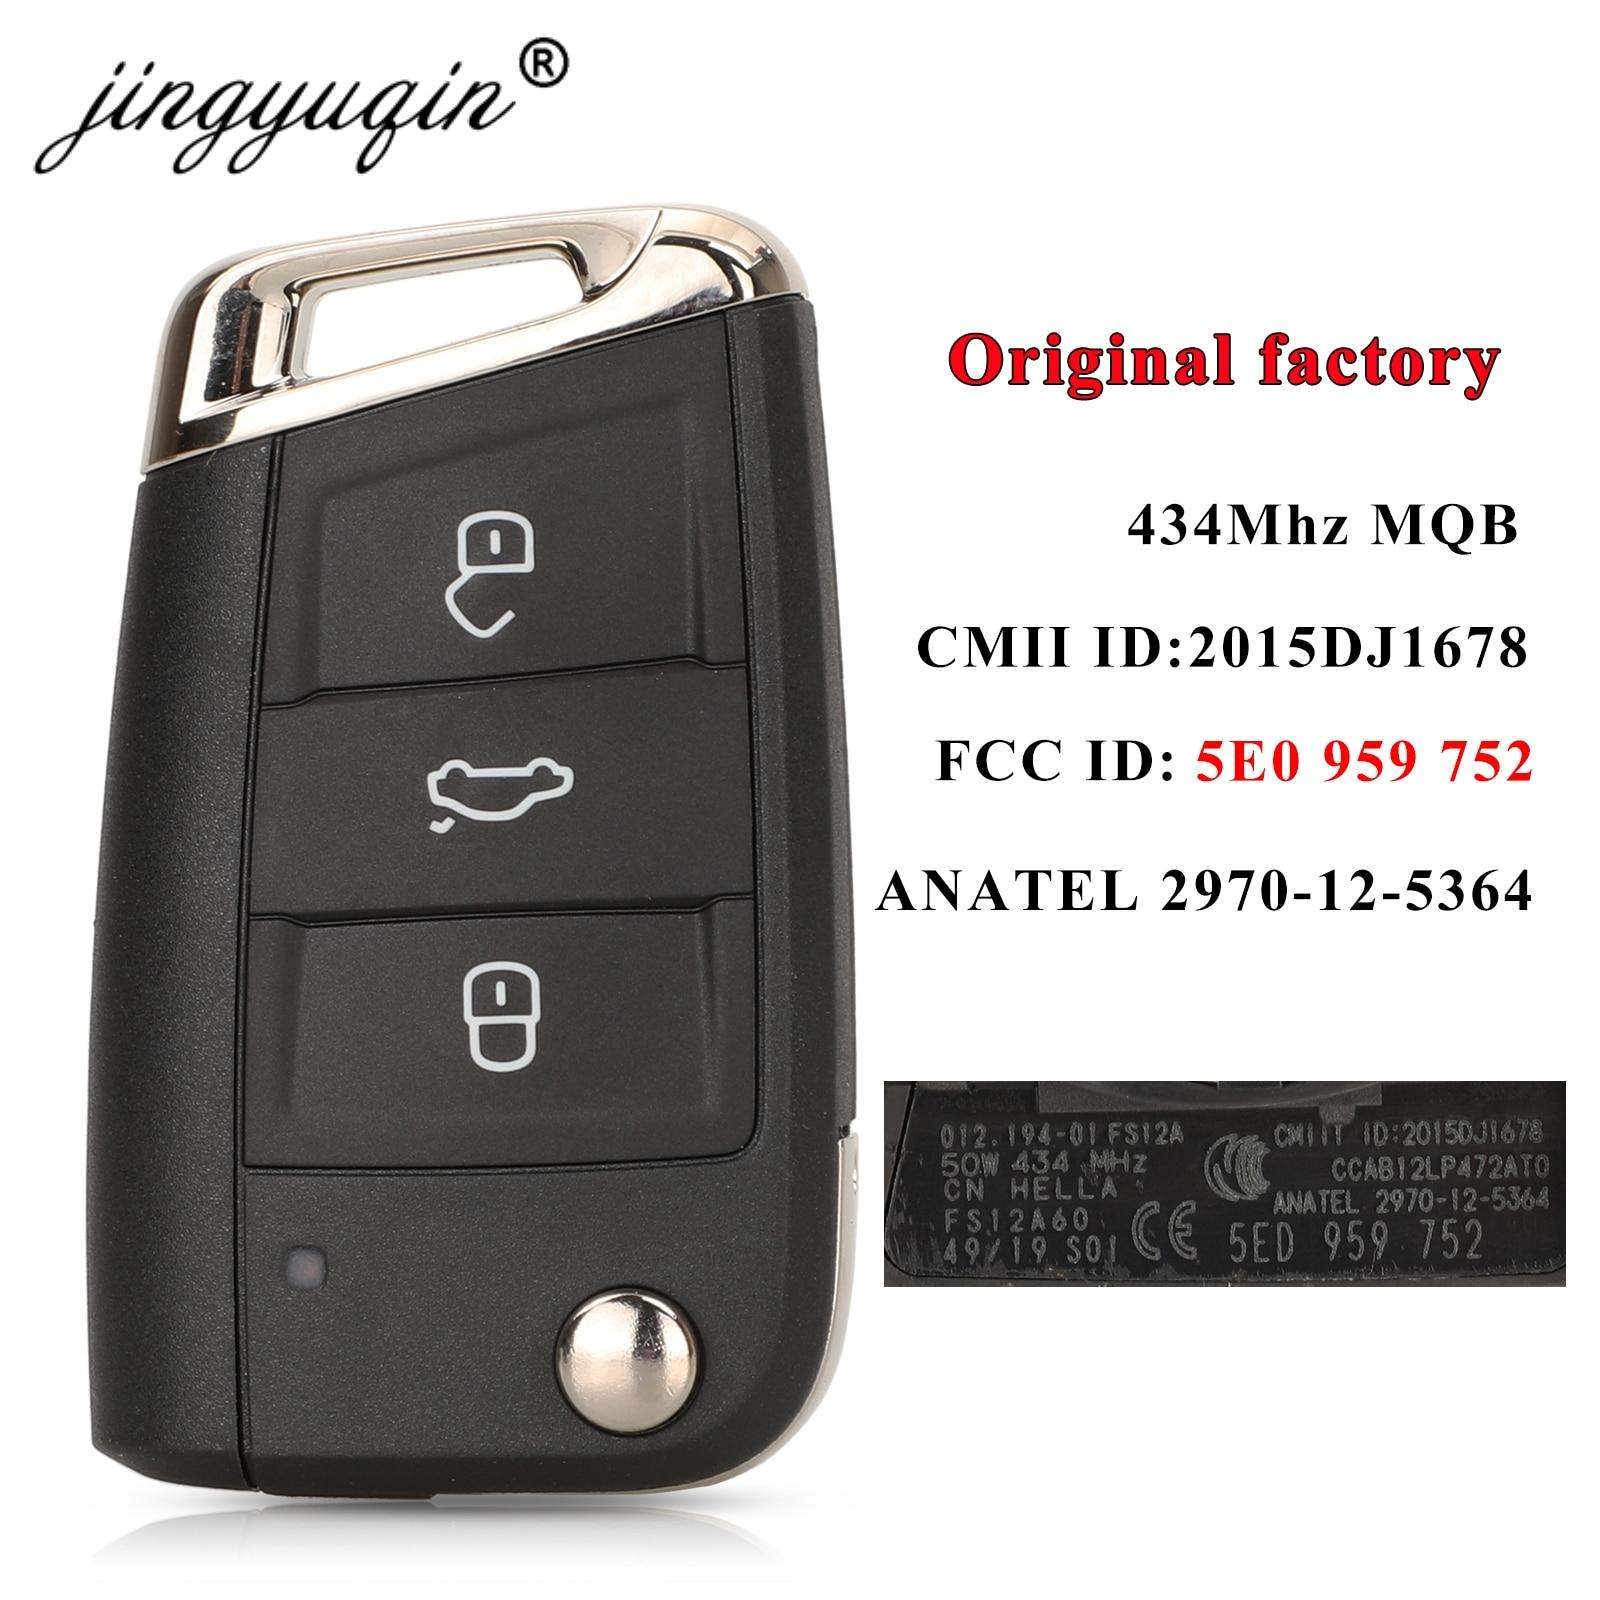 Jingyuqin الأصلي مصنع MQB مفتاح السيارة ل سكودا اوكتافيا 2014-2017 5E0959752 434Mhz 3 أزرار فليب البعيد O-E-M مفتاح Hu66 Hu162t